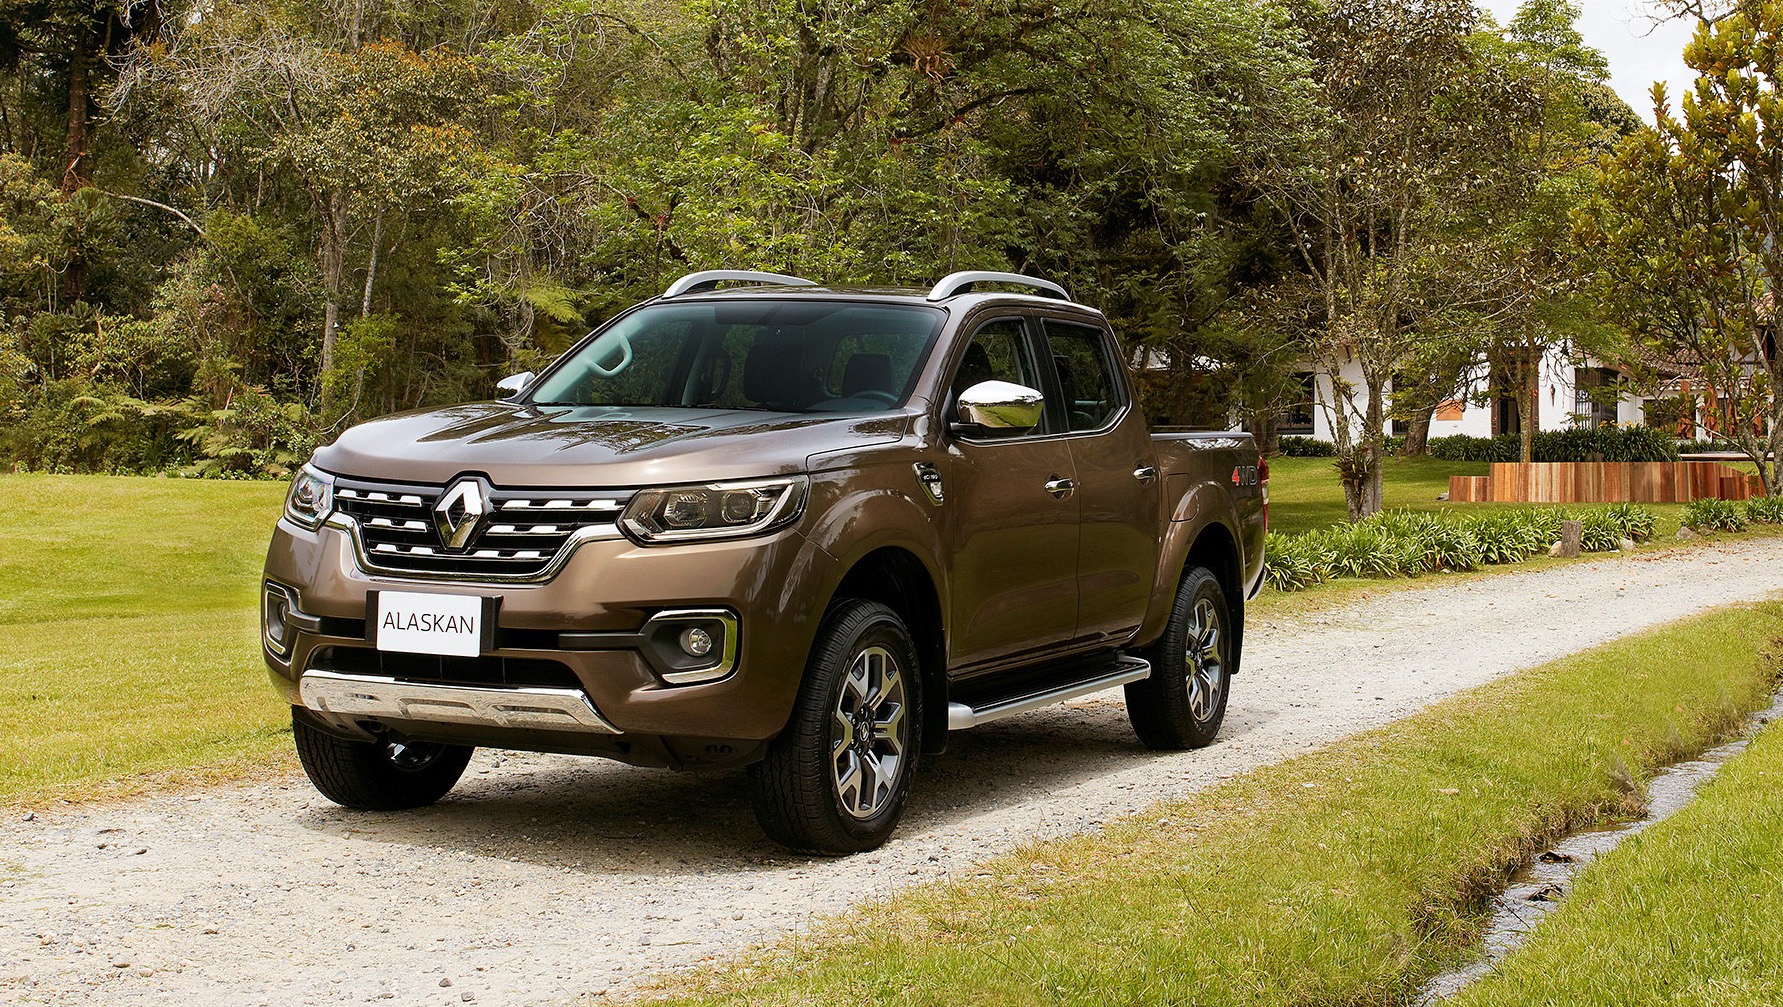 Renault Alaskan image 5